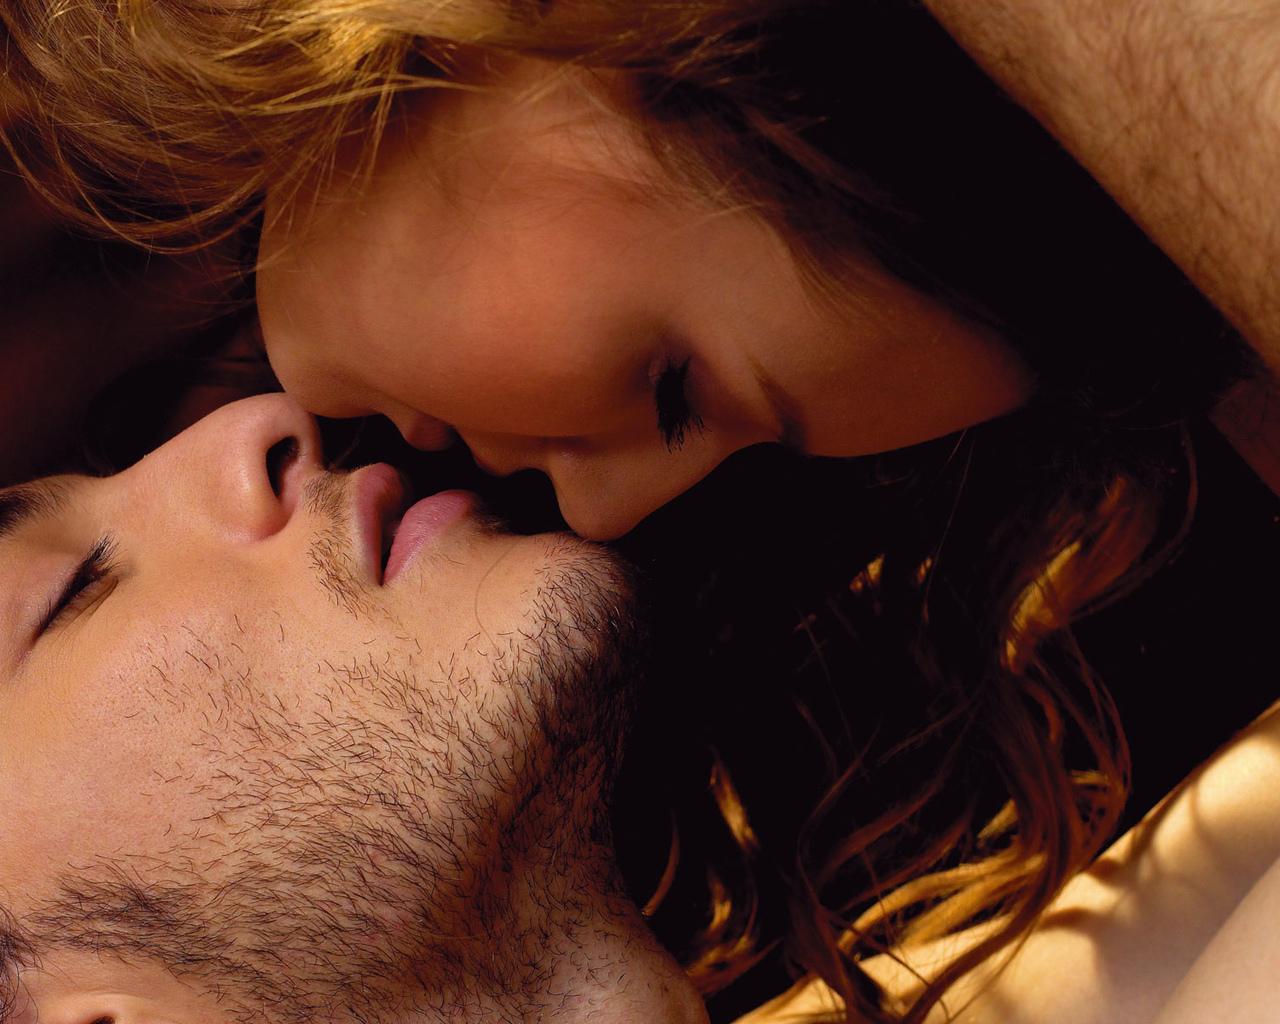 Рыжая девушка целуется с парнем фото со спины 23 фотография